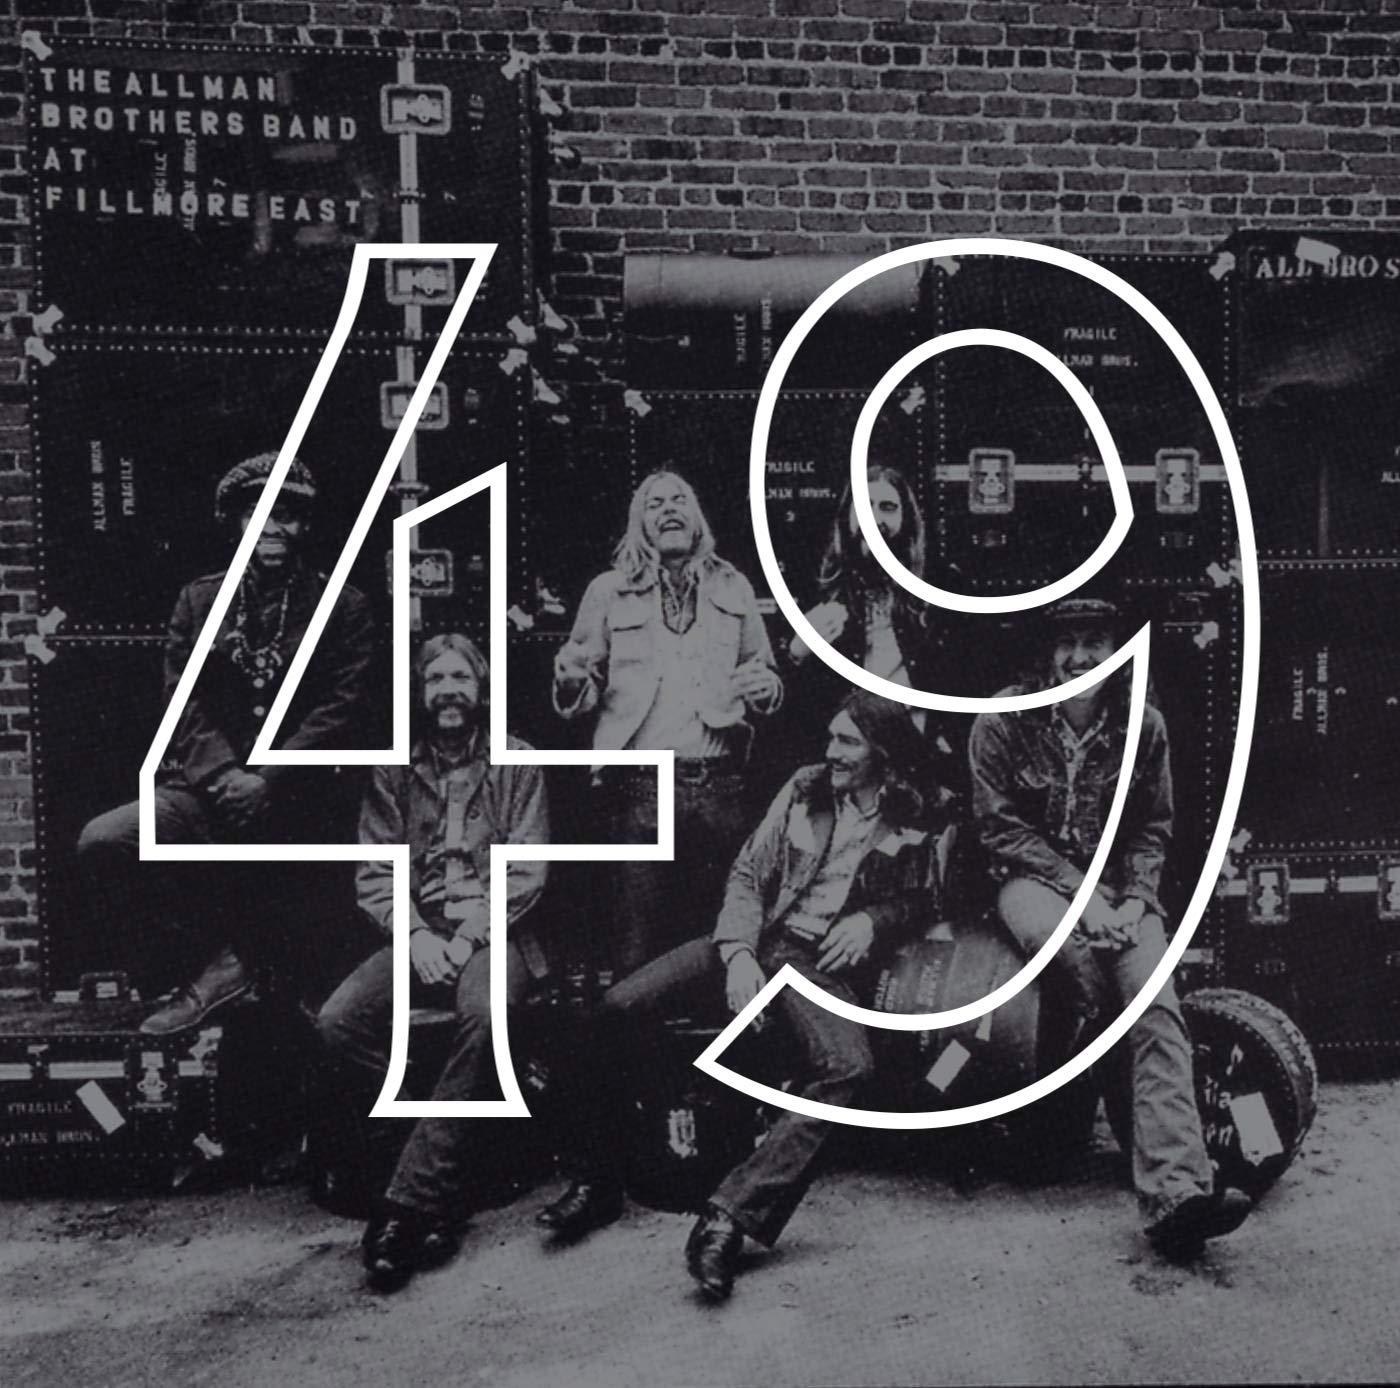 49 At Fillmore East.jpg